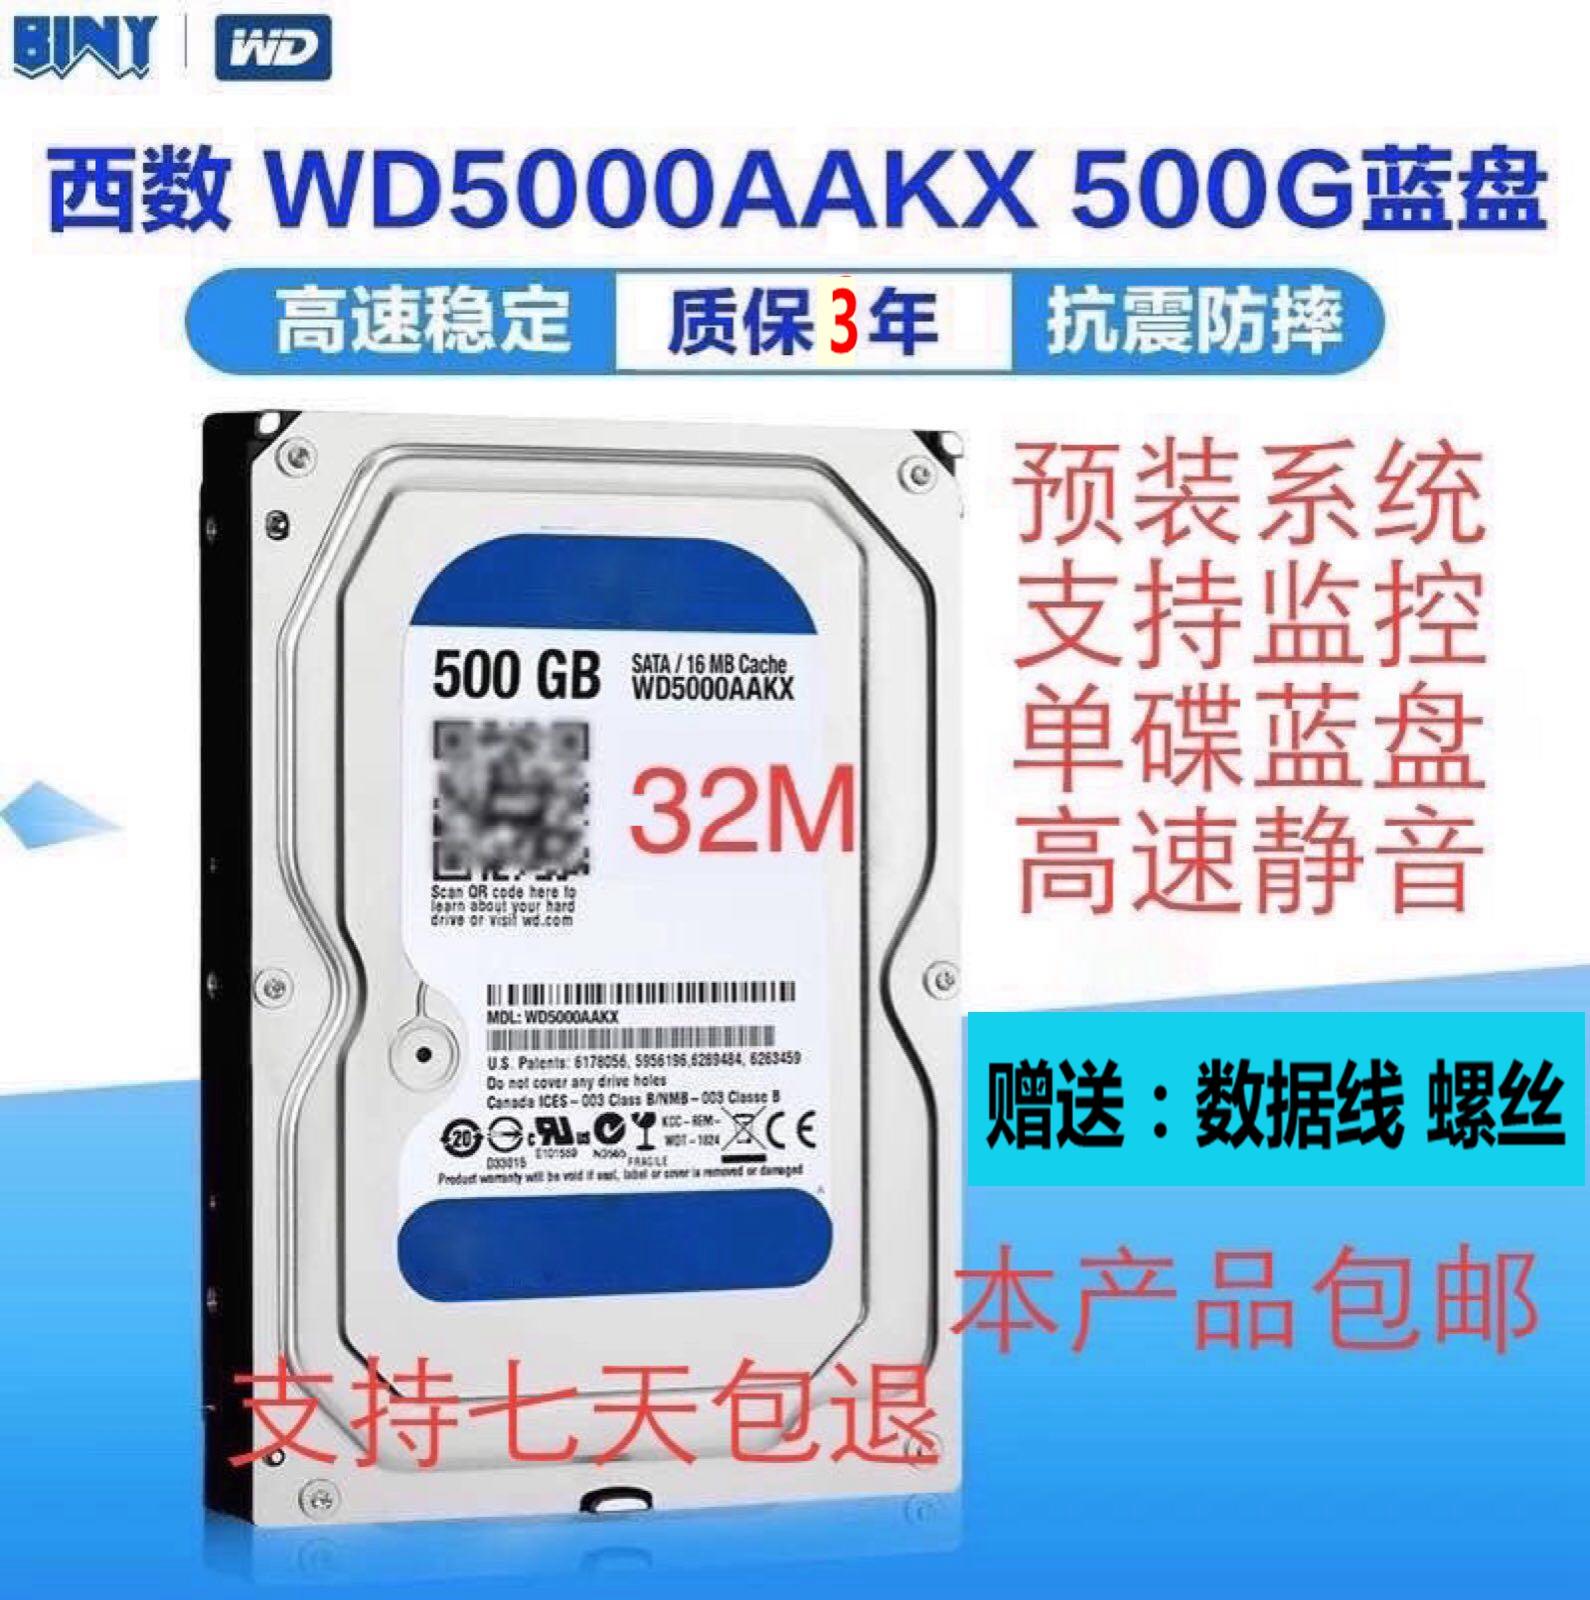 新款WD/西部数据 WD5000AAKX 500G台式 监控 机械硬盘 蓝盘7200转